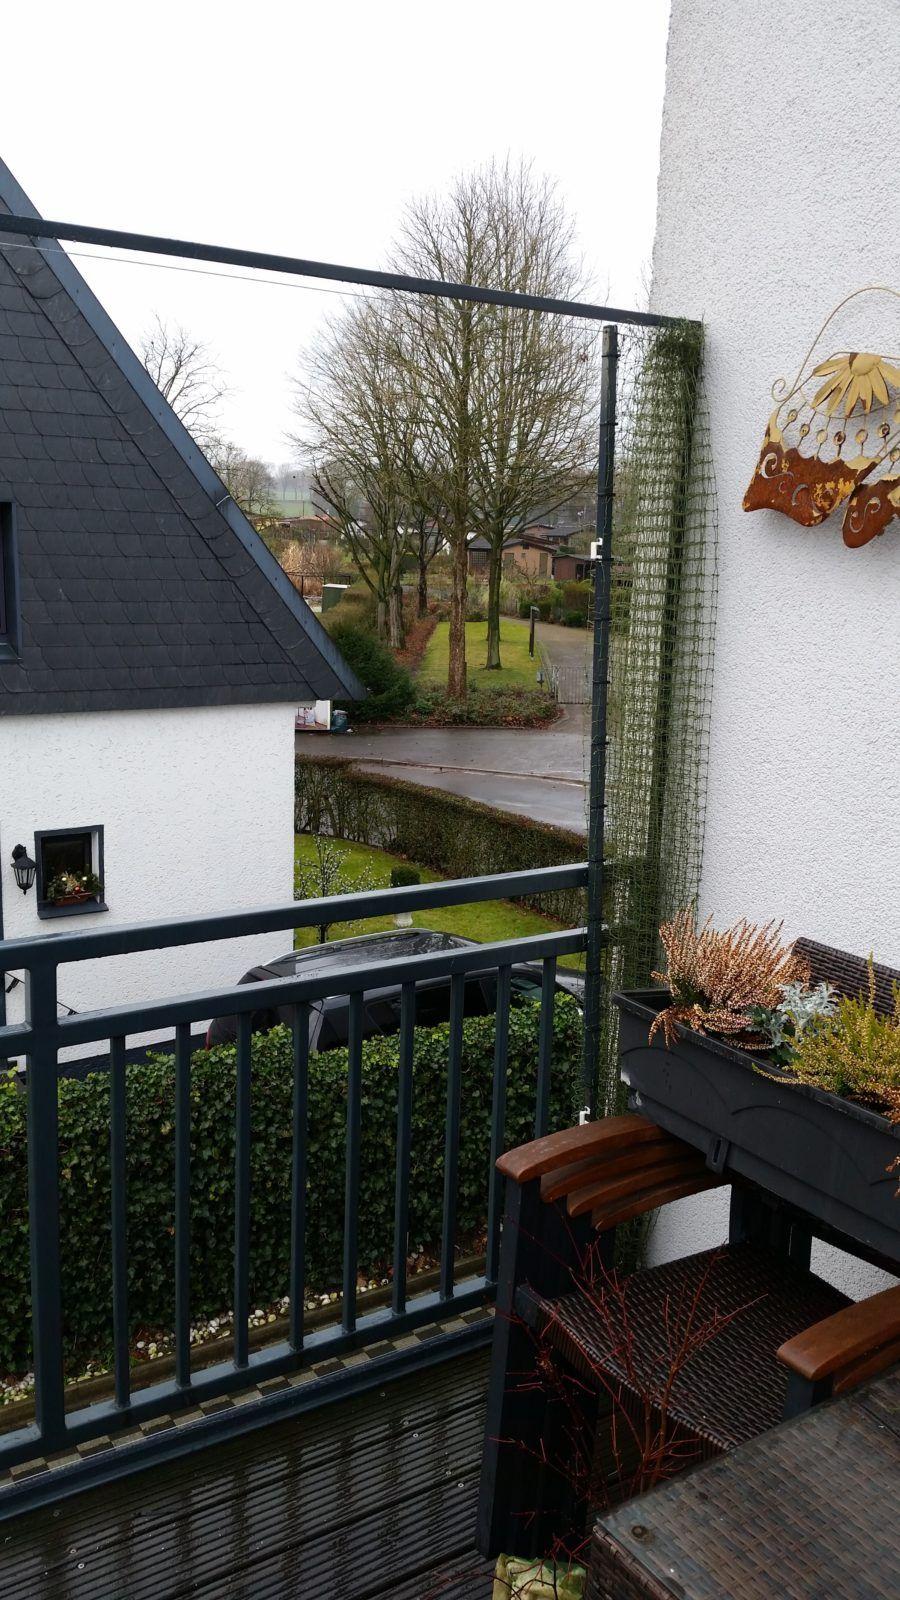 Schiebbares Katzennetz System Ohne Bohren Am Balkon Katzennetz